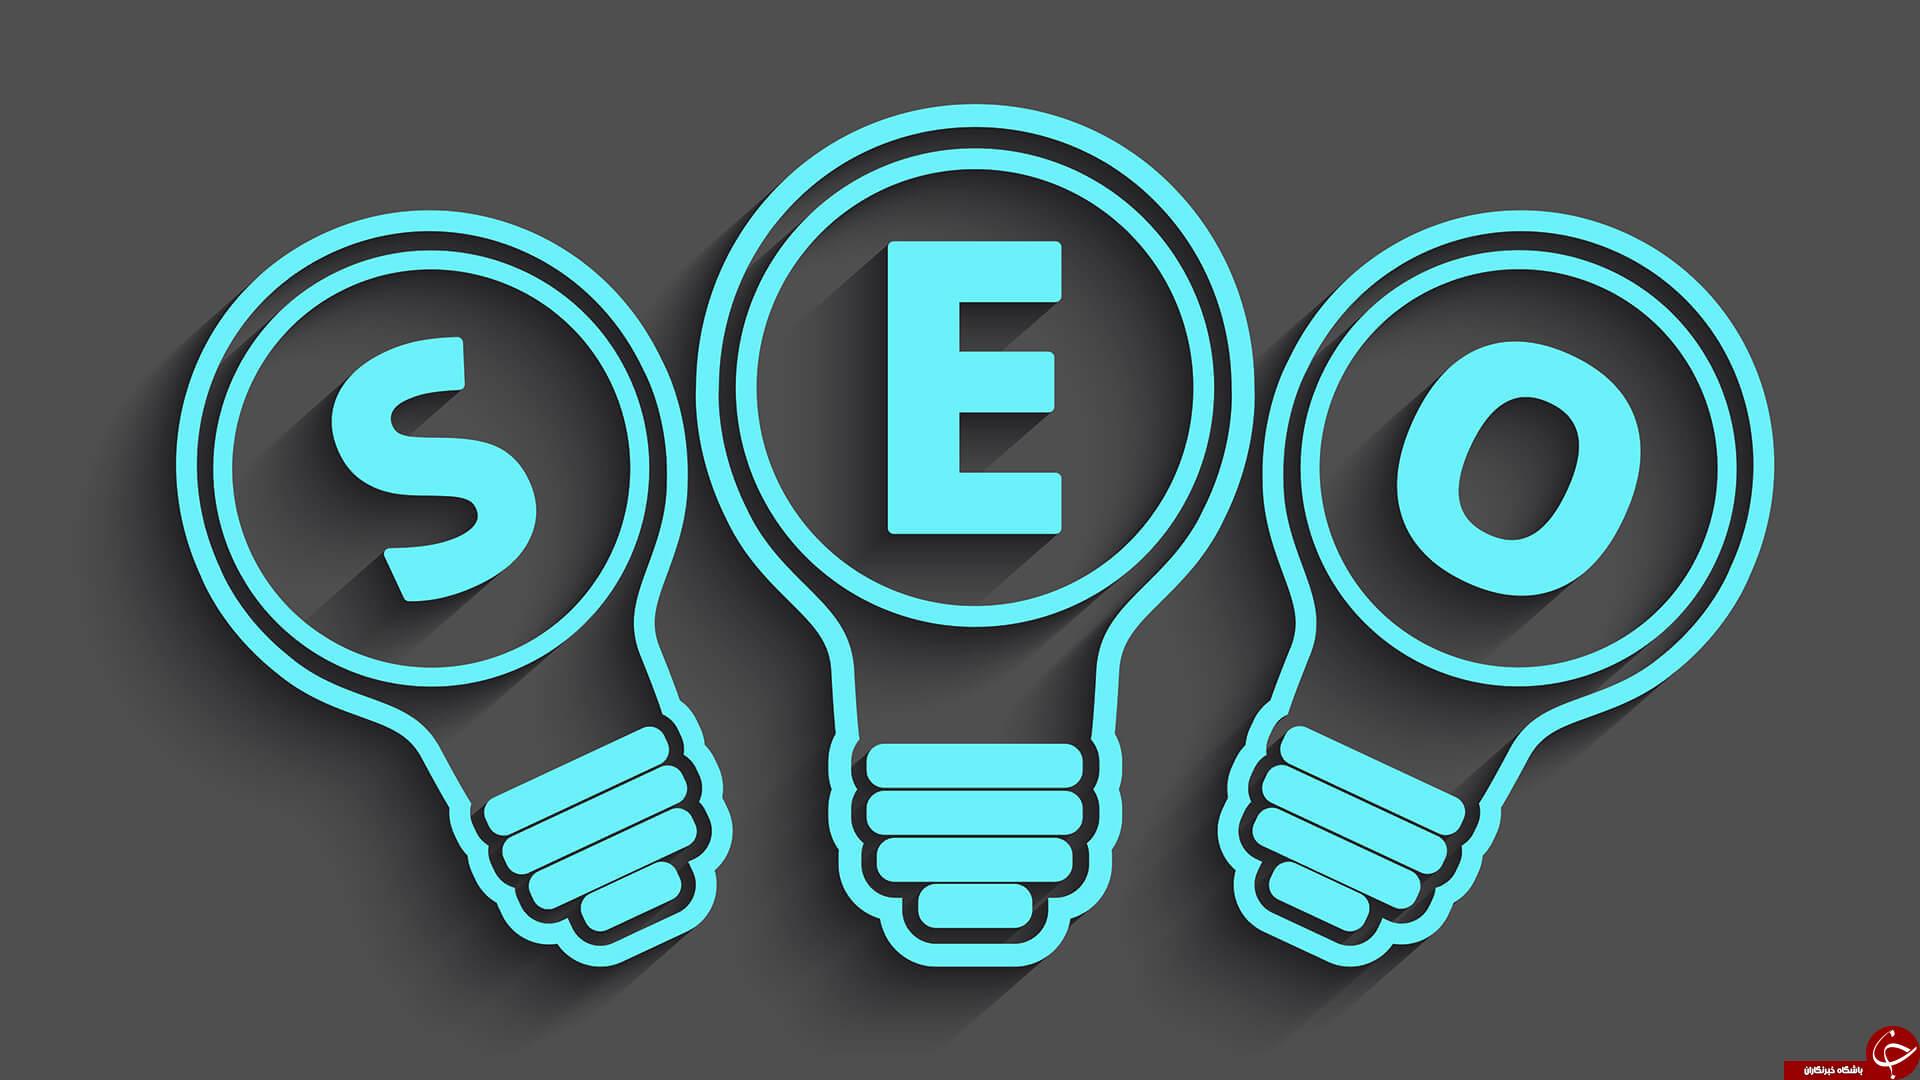 اگر نمیدانید SEO چیست خجالت نکشید؛ کلیک کنید! / بهینه سازی موتور جستجو (SEO) به زبان ساده +مواردی که با سئو اشتباه گرفته می شوند